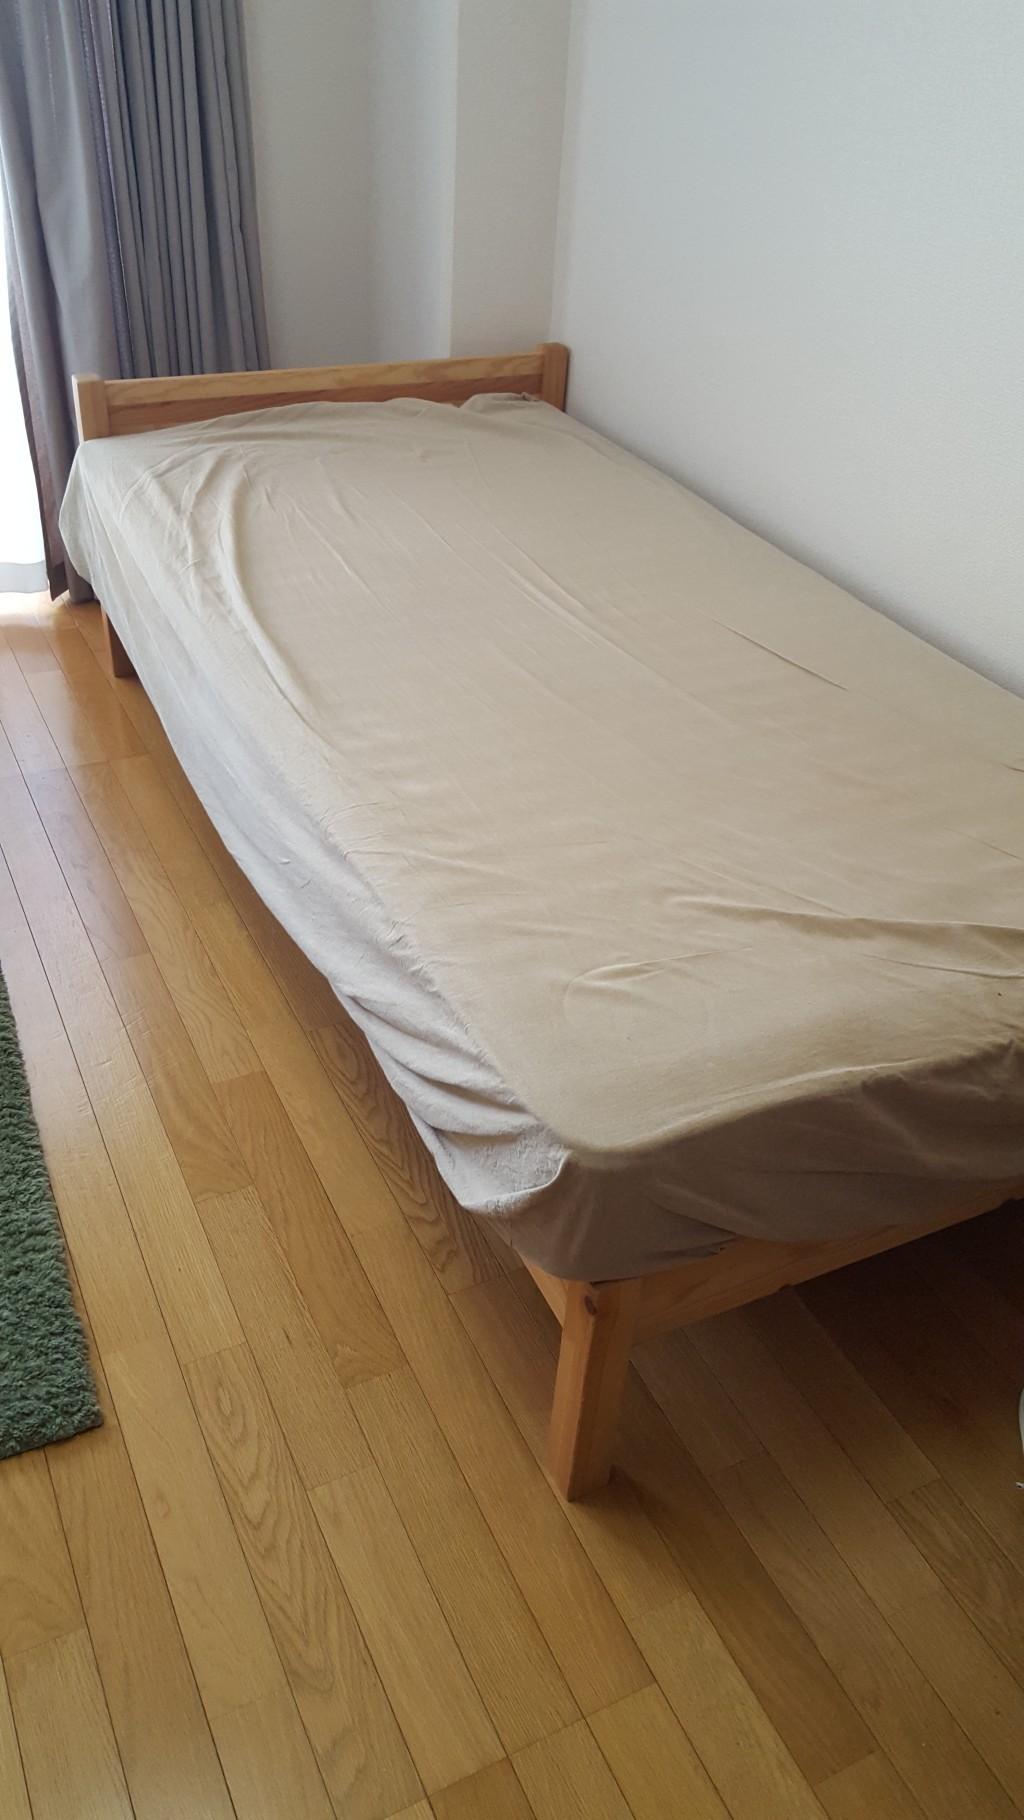 【倉敷市】シングルベッドの回収☆お得なお値段に大変満足していただきました!